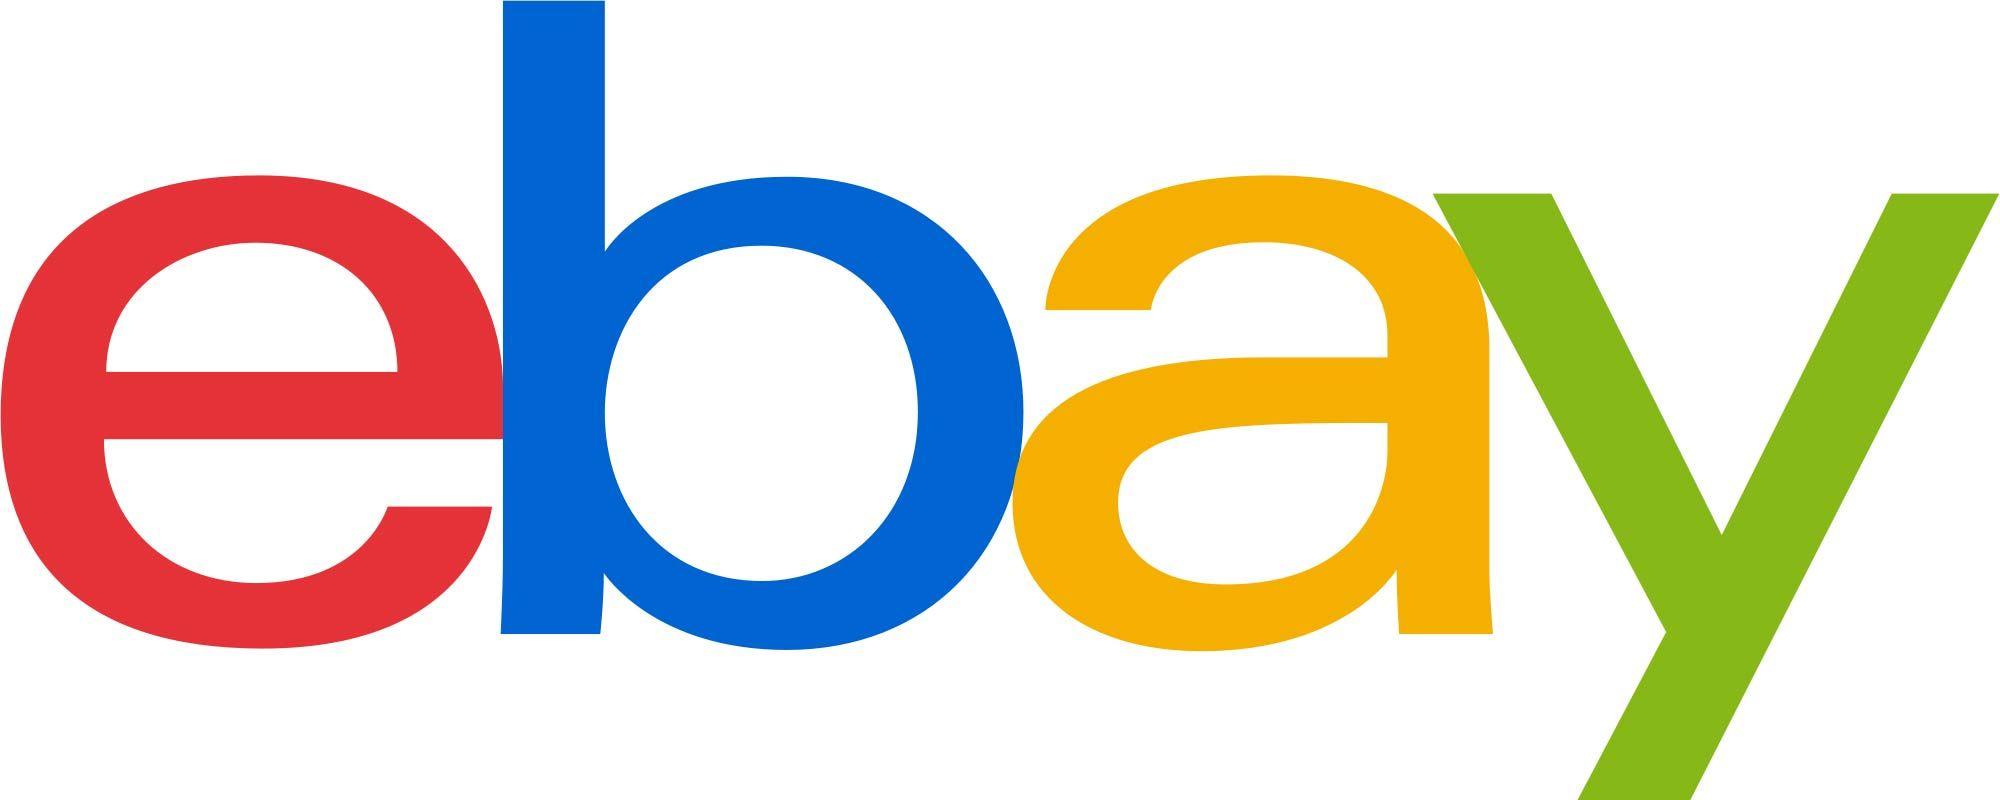 Logotipos de empresas 5 consejos para su dise o perfecto for Empresa logos